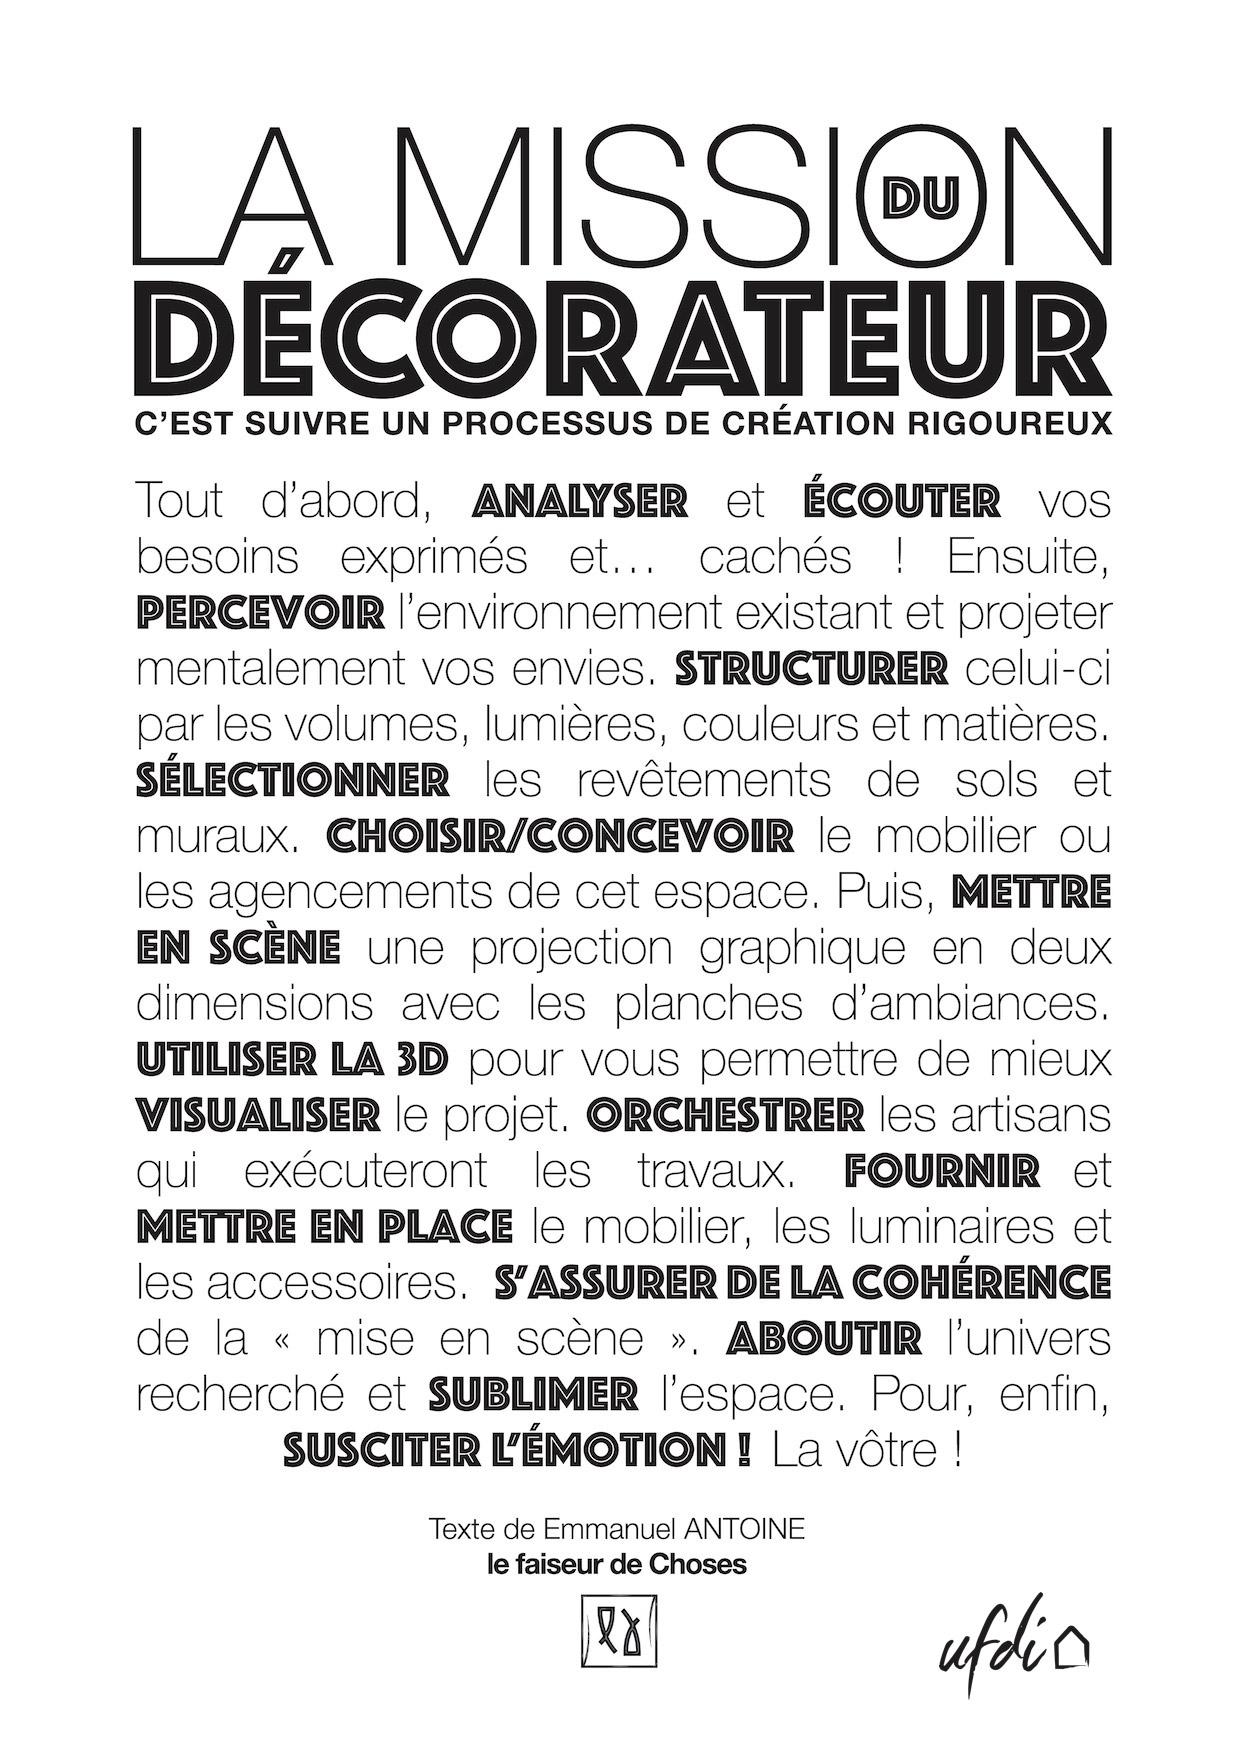 La mission du Décorateur par Emmanuel ANTOINE, Le faiseur de Choses, membre UFDI Bretagne